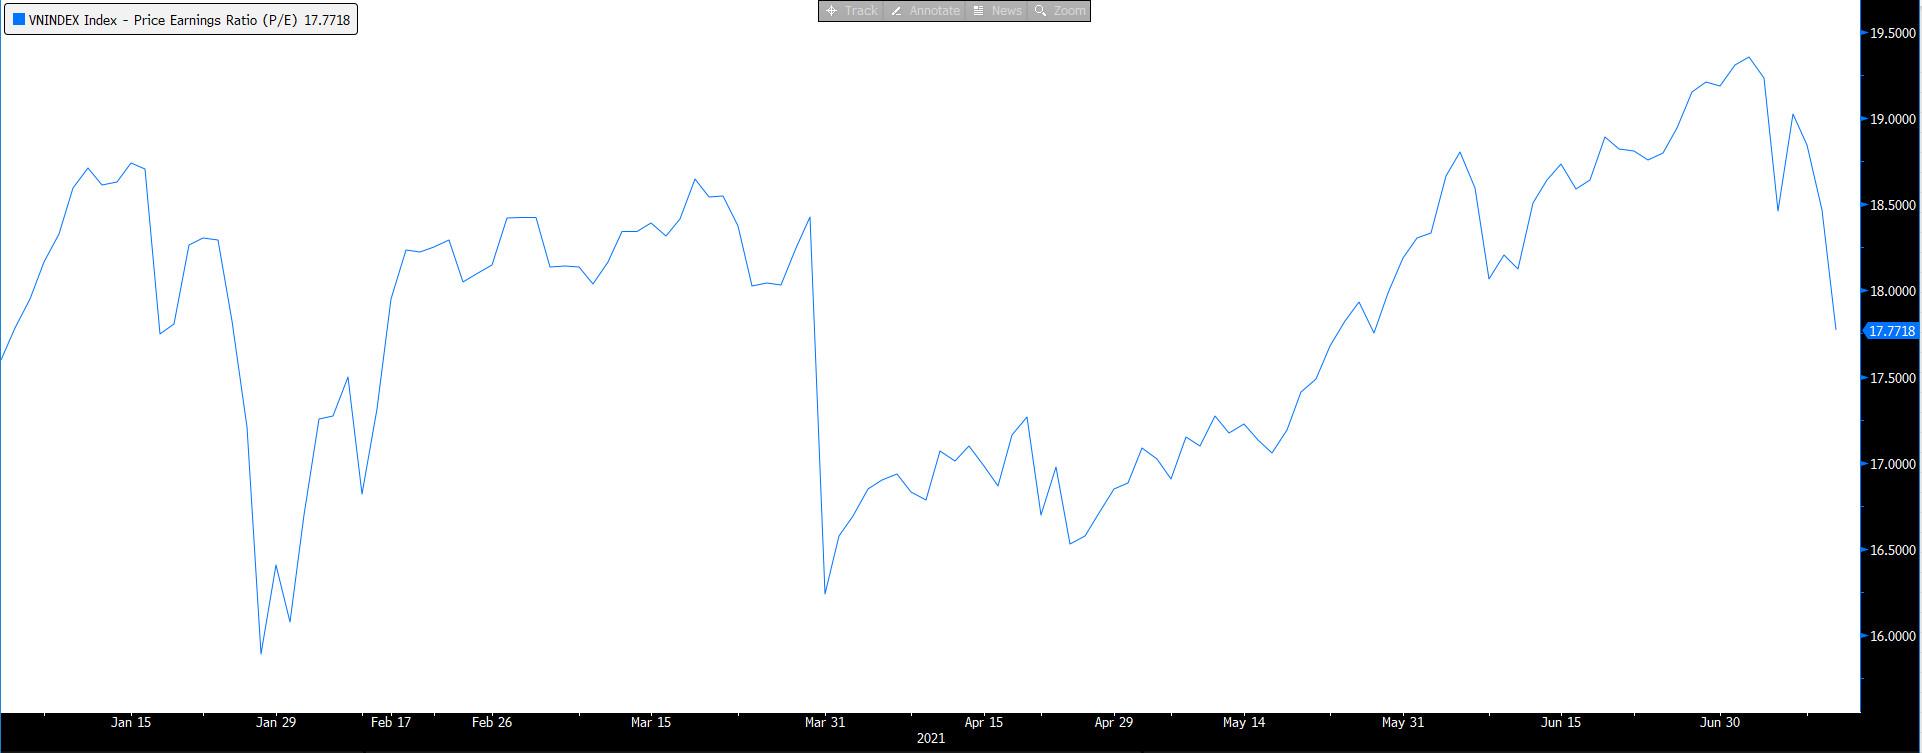 """Định giá thị trường """"hạ nhiệt"""" sau chuỗi phiên giảm sốc, P/E VN-Index chỉ còn 17,8 - Ảnh 2."""